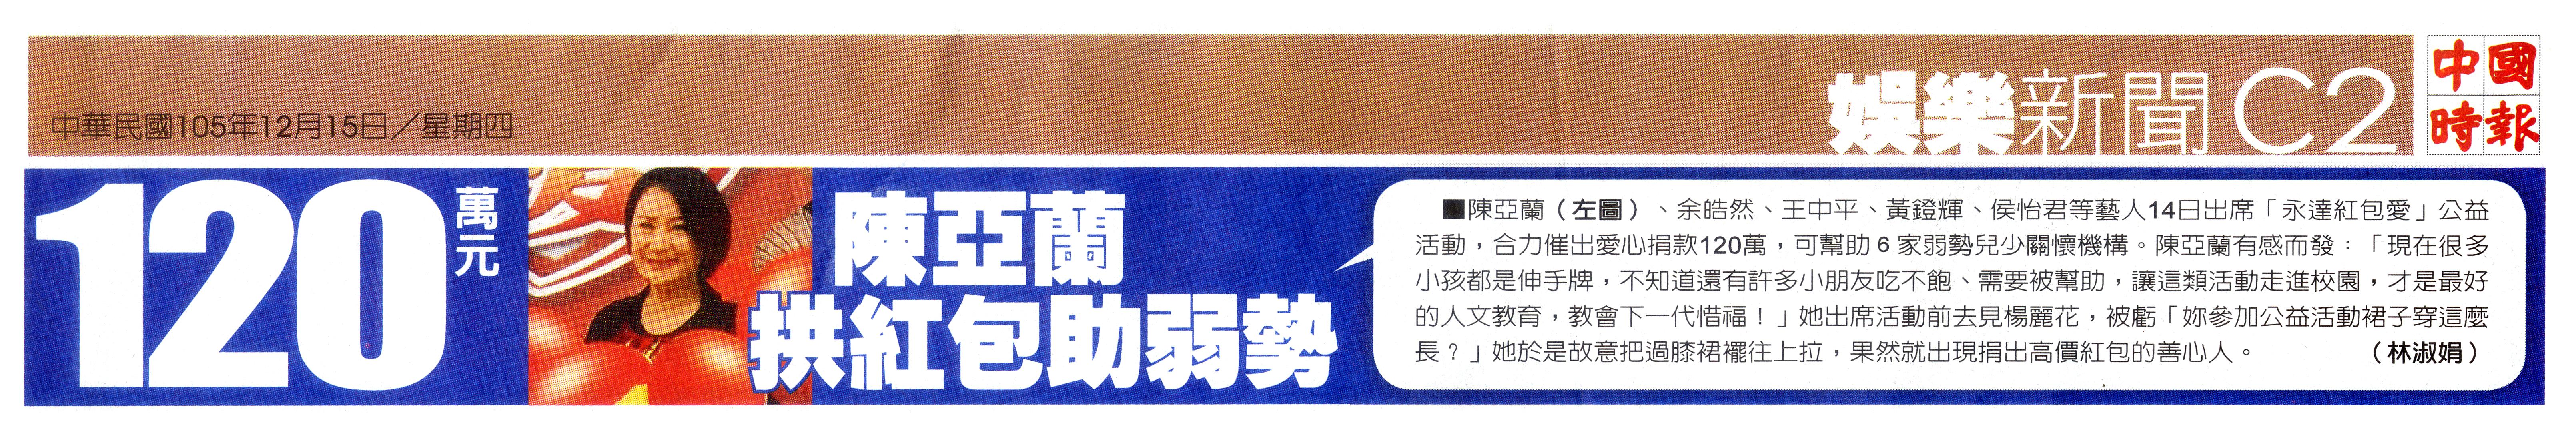 陳亞蘭 拱紅包助弱勢報導圖檔